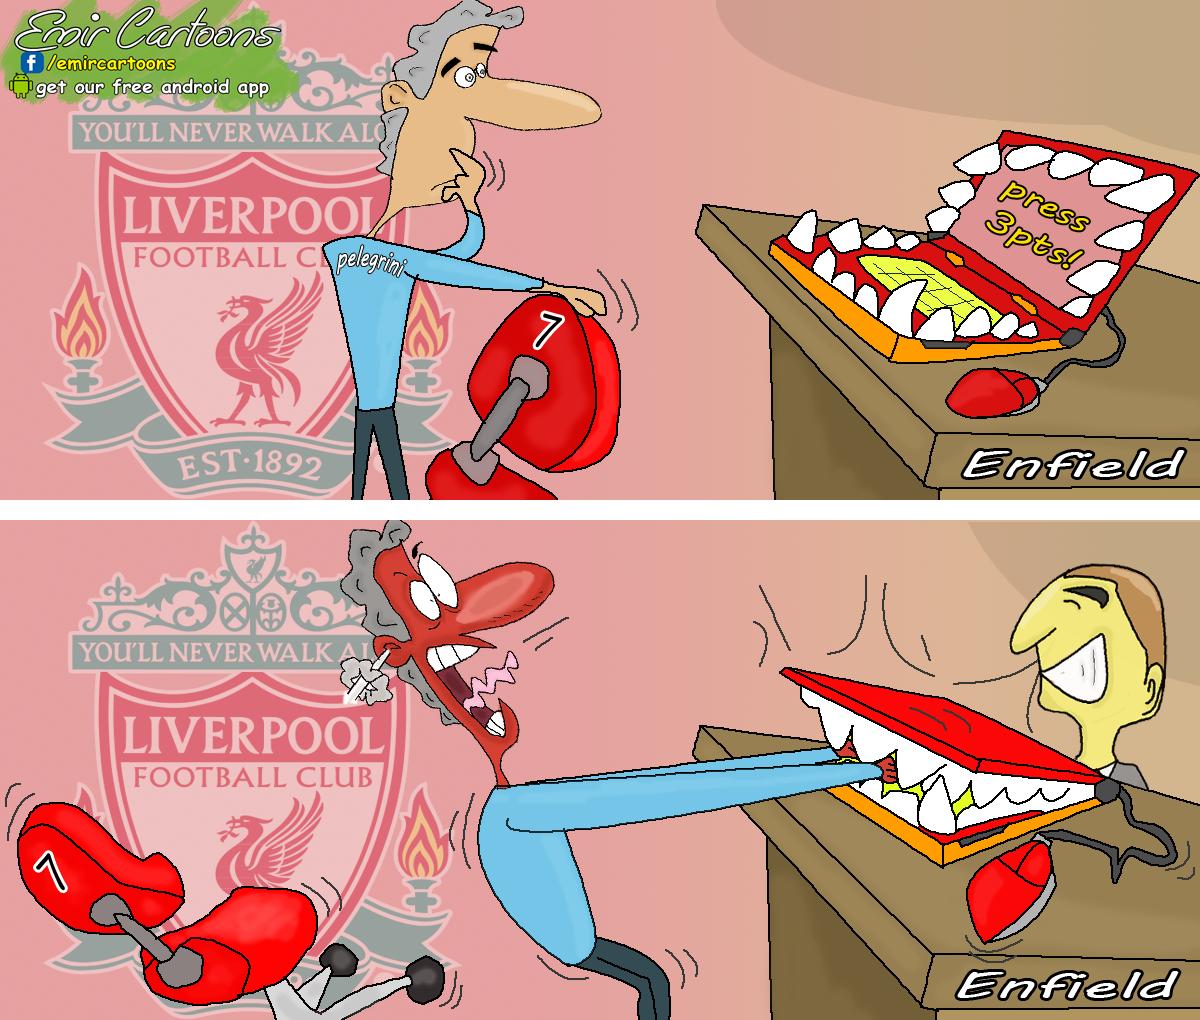 Coutinho,Coutinho Liverpool ,Liverpool ,Liverpool  manchester city, emir balkan cartoons, omar momani cartoons, karikature,fudbal,karikatura dana, liverpool cartoons, coutinho cartoons,Liverpool 3 - 2 Manchester City